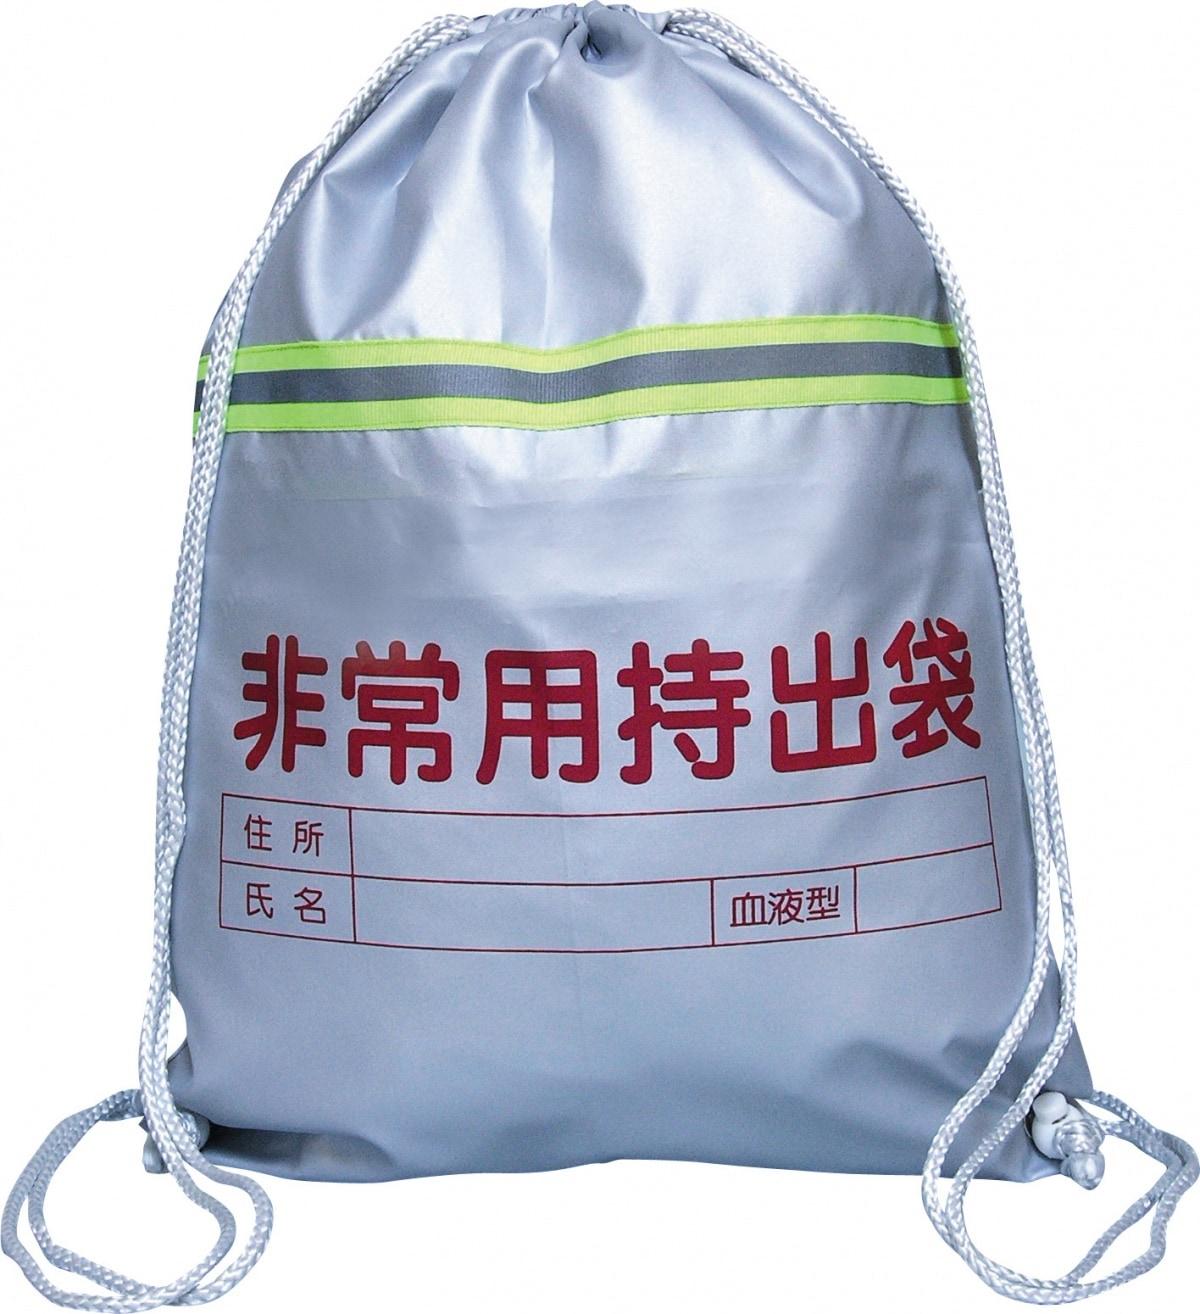 6. ถุงฉุกเฉินจาก Daiso